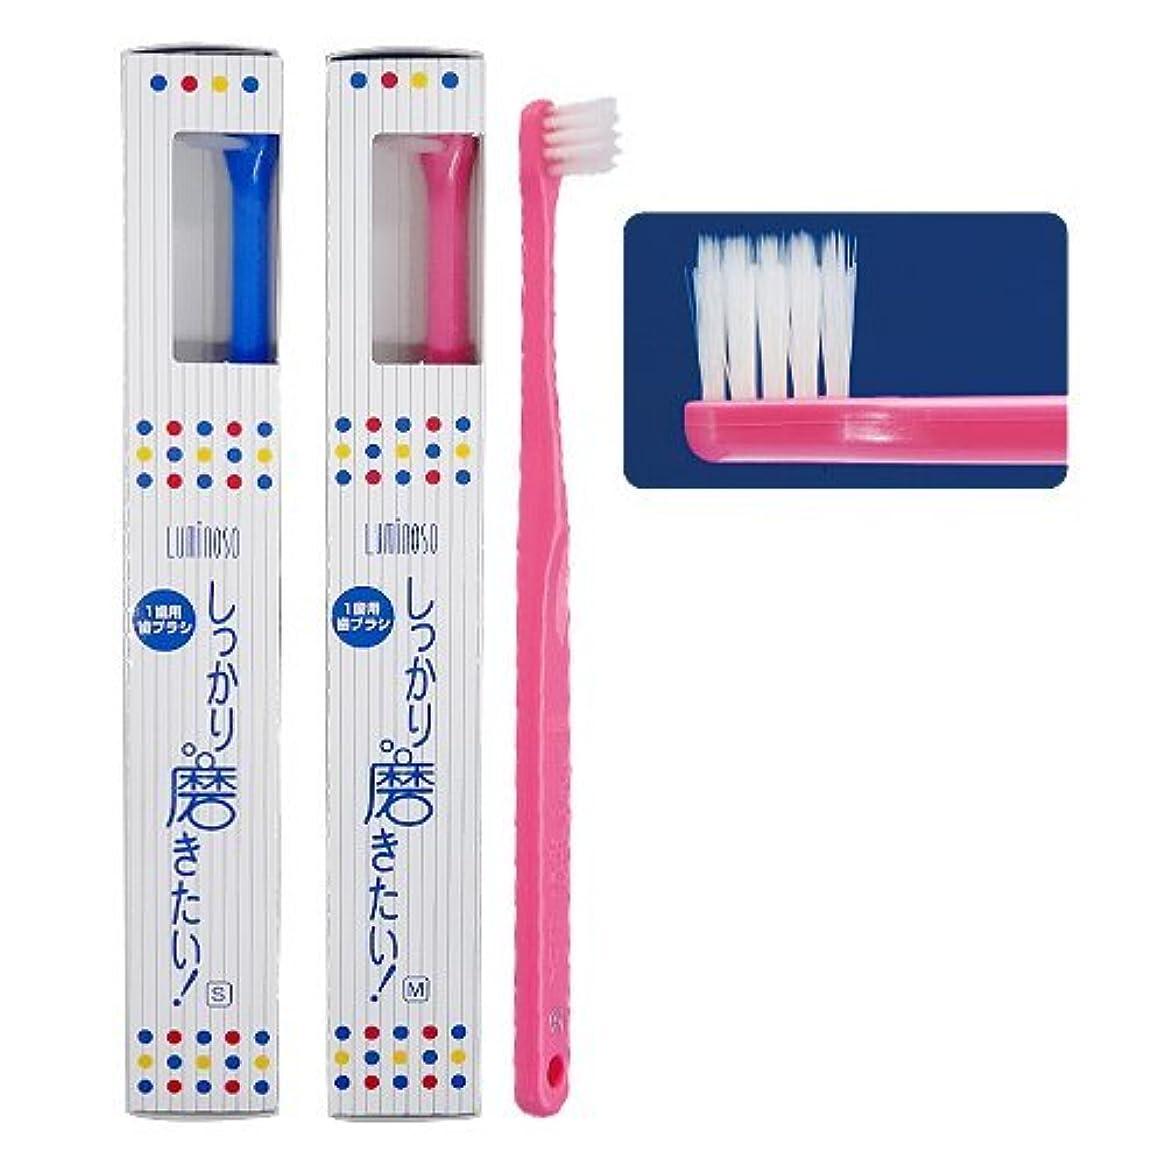 レビューハント無関心ルミノソ 1歯用歯ブラシ「しっかり磨きたい!」スタンダード ミディアム (カラー指定不可) 3本